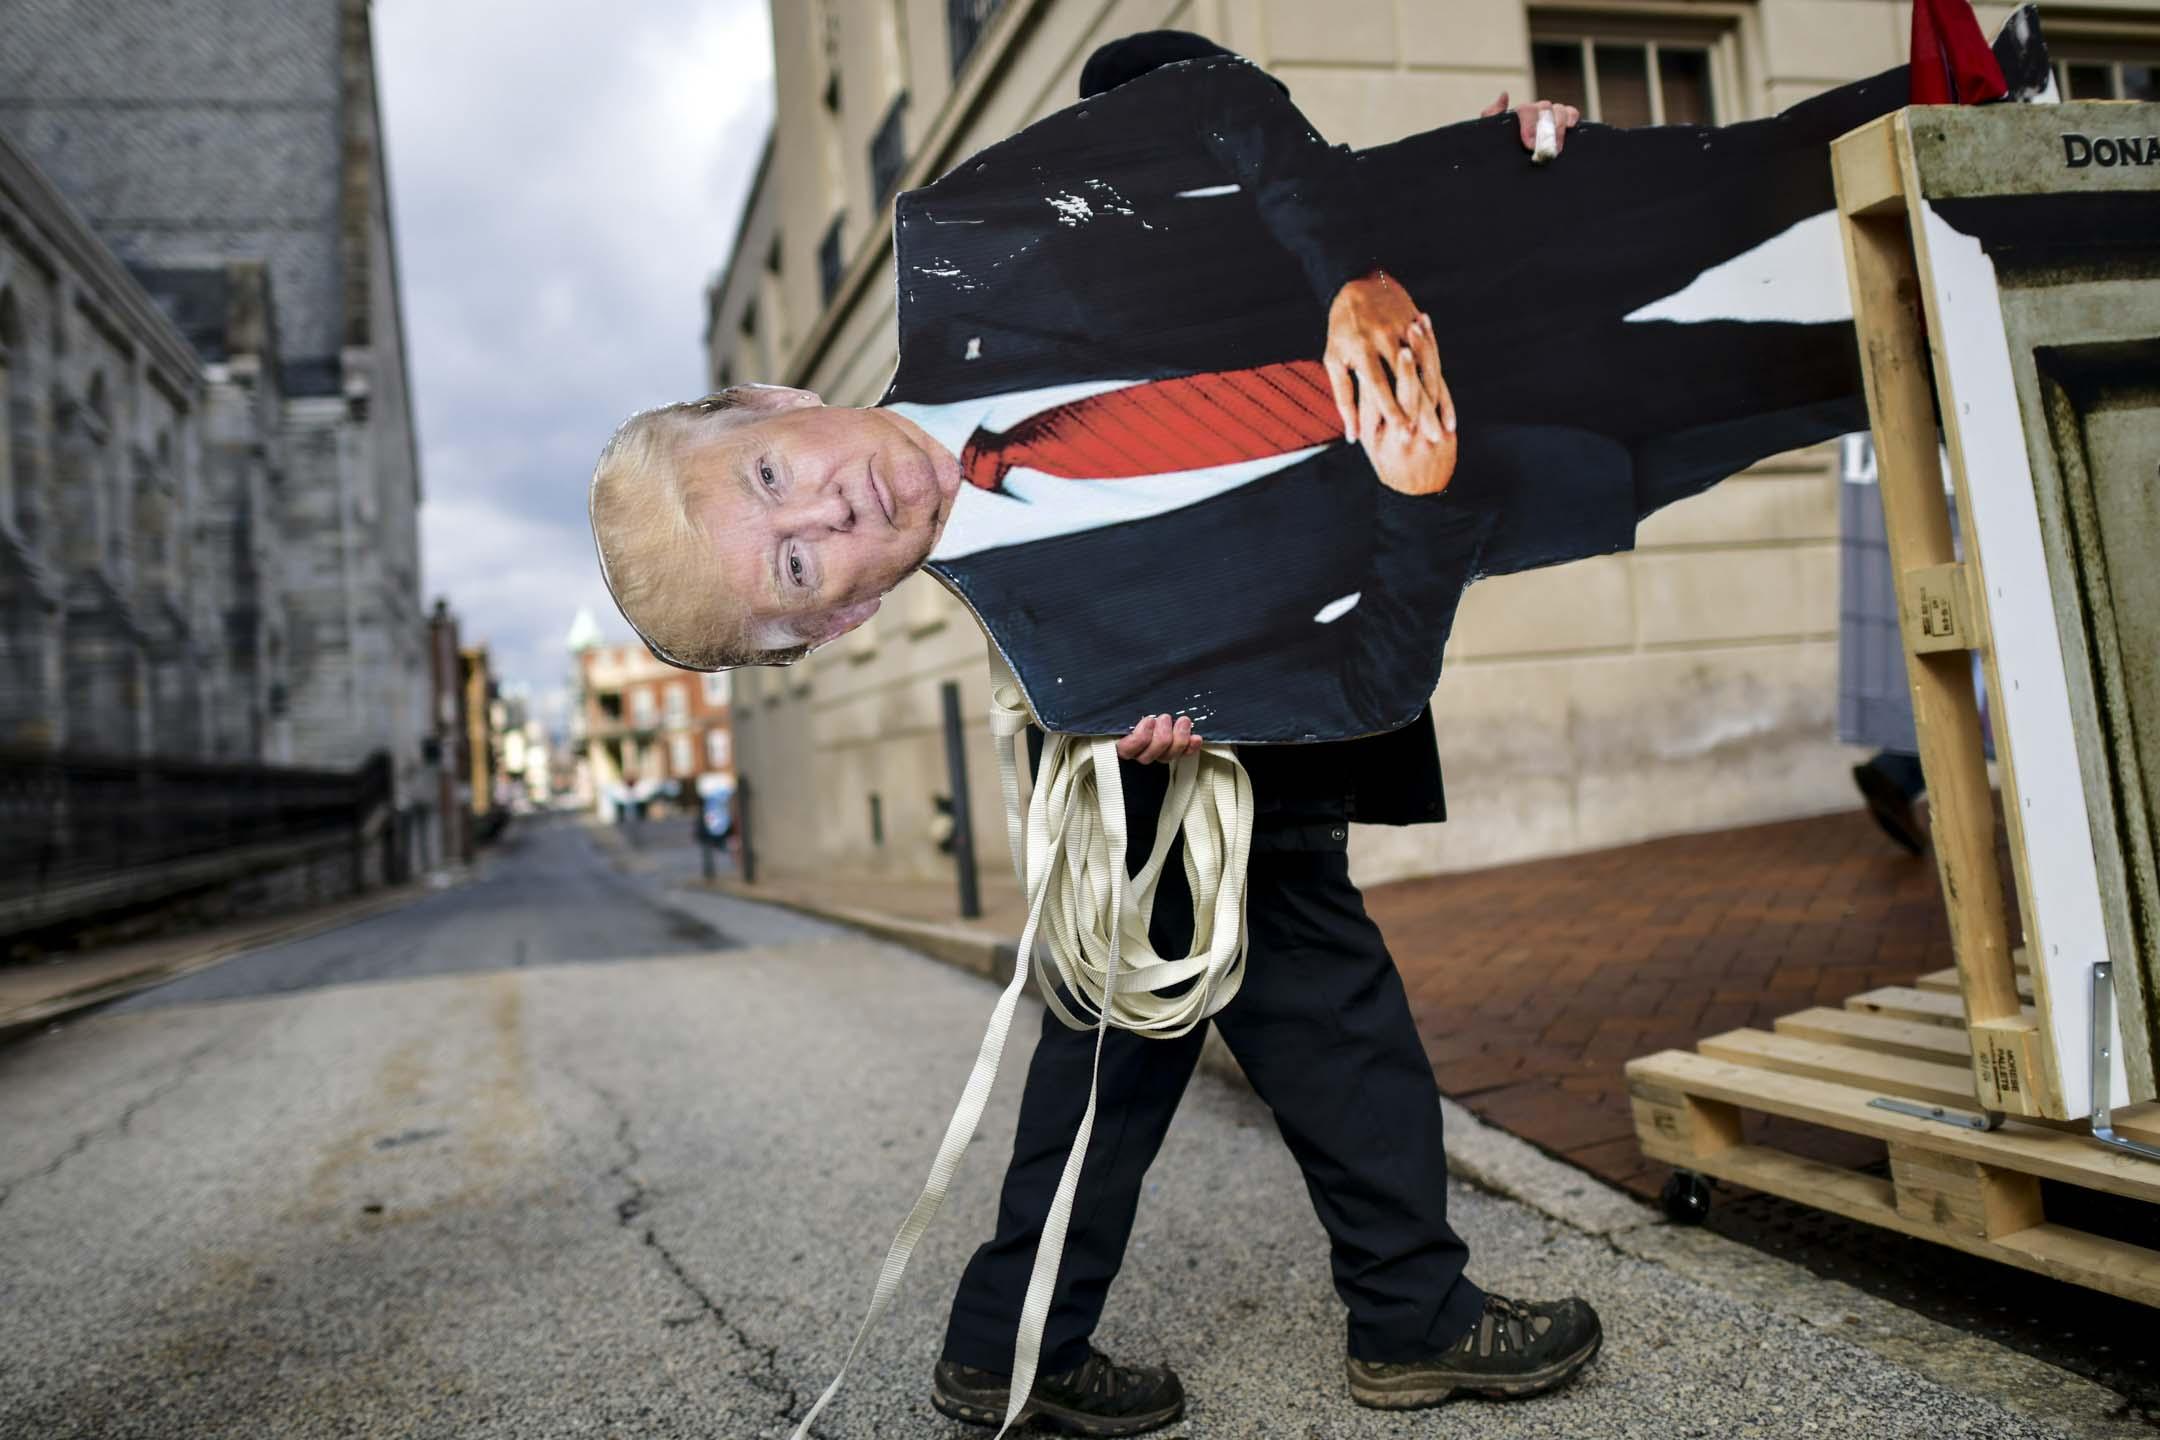 2021年1月17日,美國賓夕法尼亞州,一名示威者帶同一塊特朗普造型紙牌參與示威。